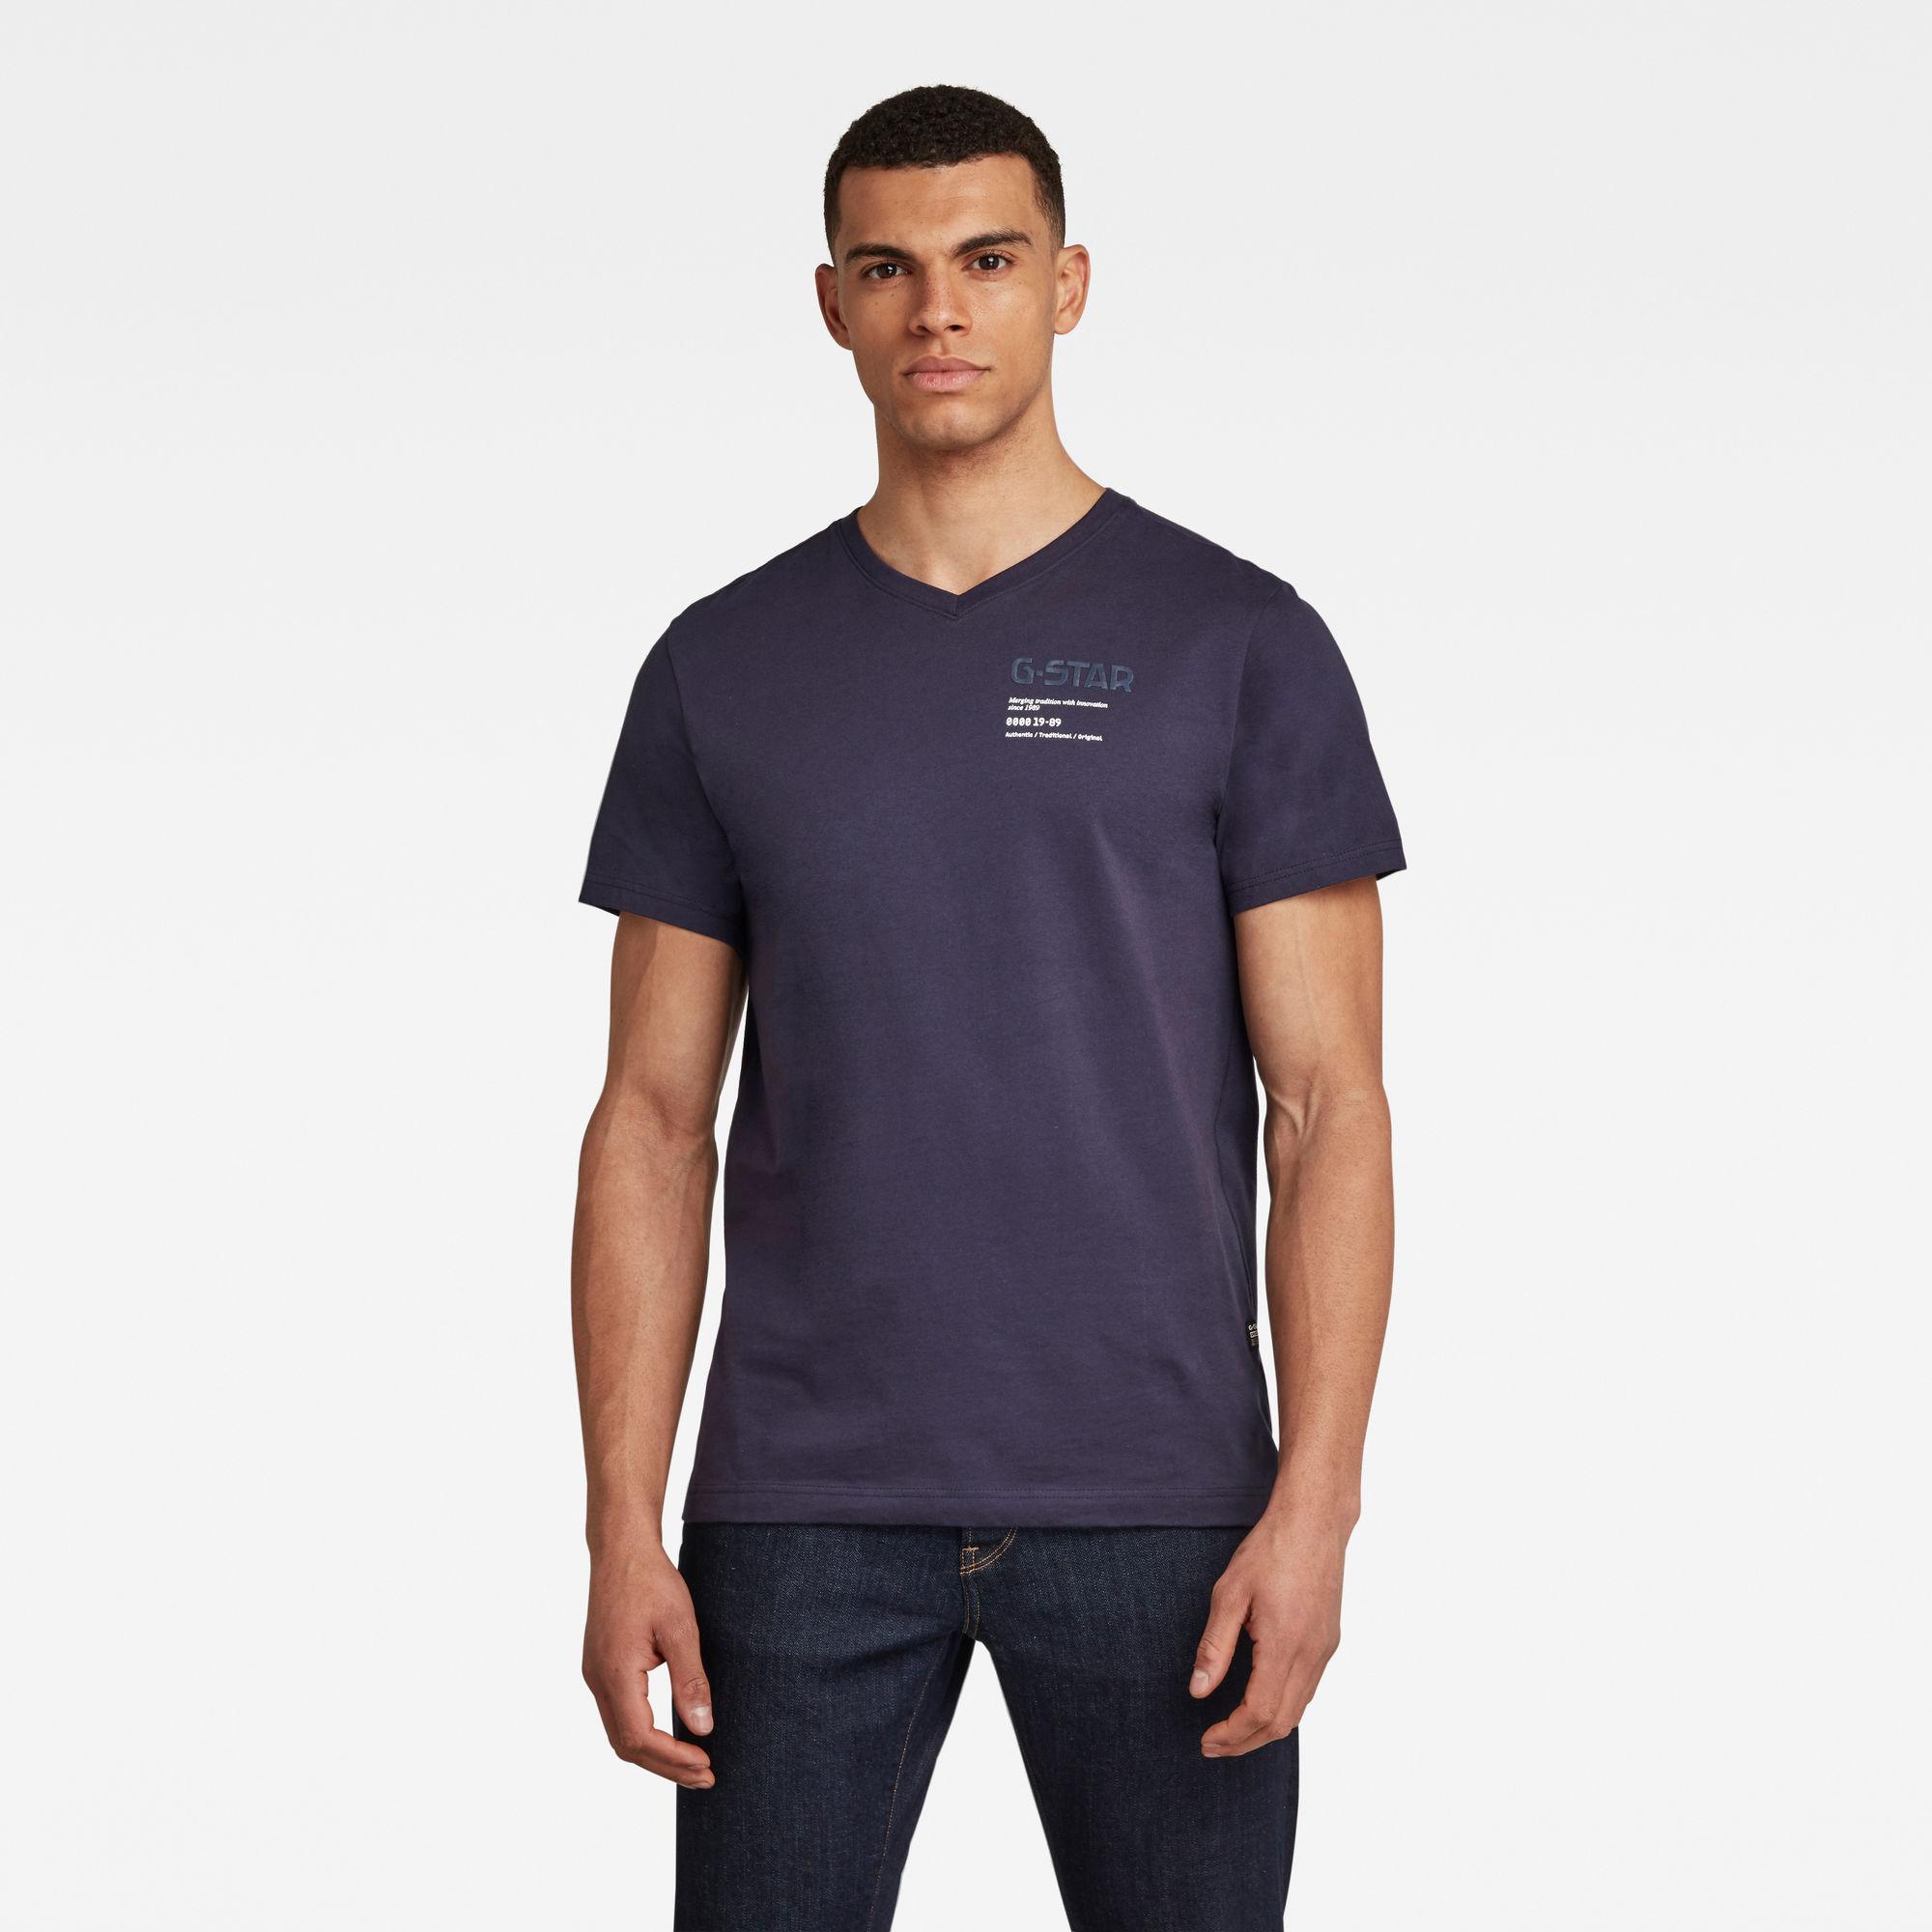 G-Star RAW Heren G-Star Chest Graphic T-Shirt Donkerblauw